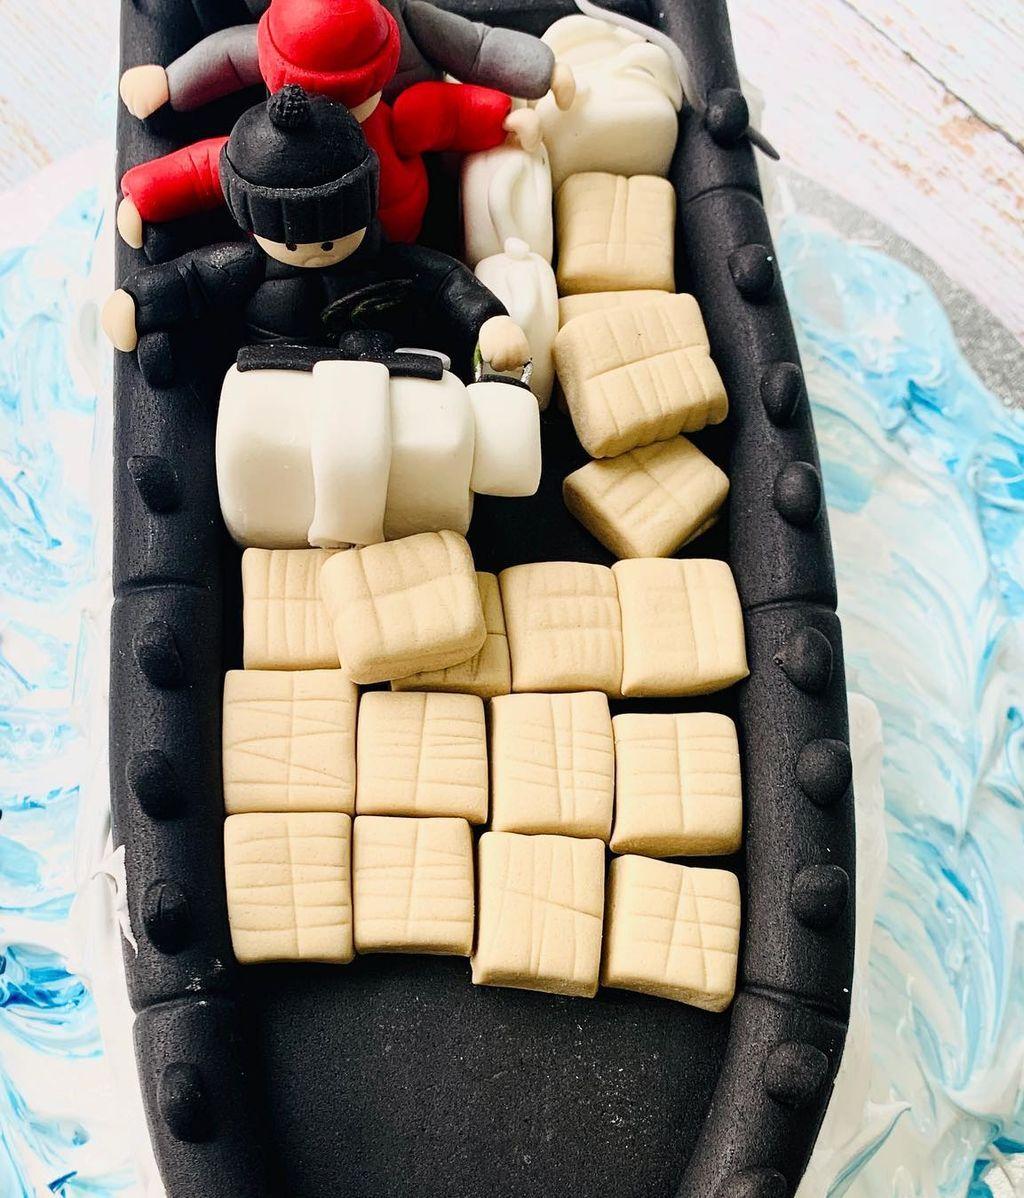 La tarta está llena de detalles